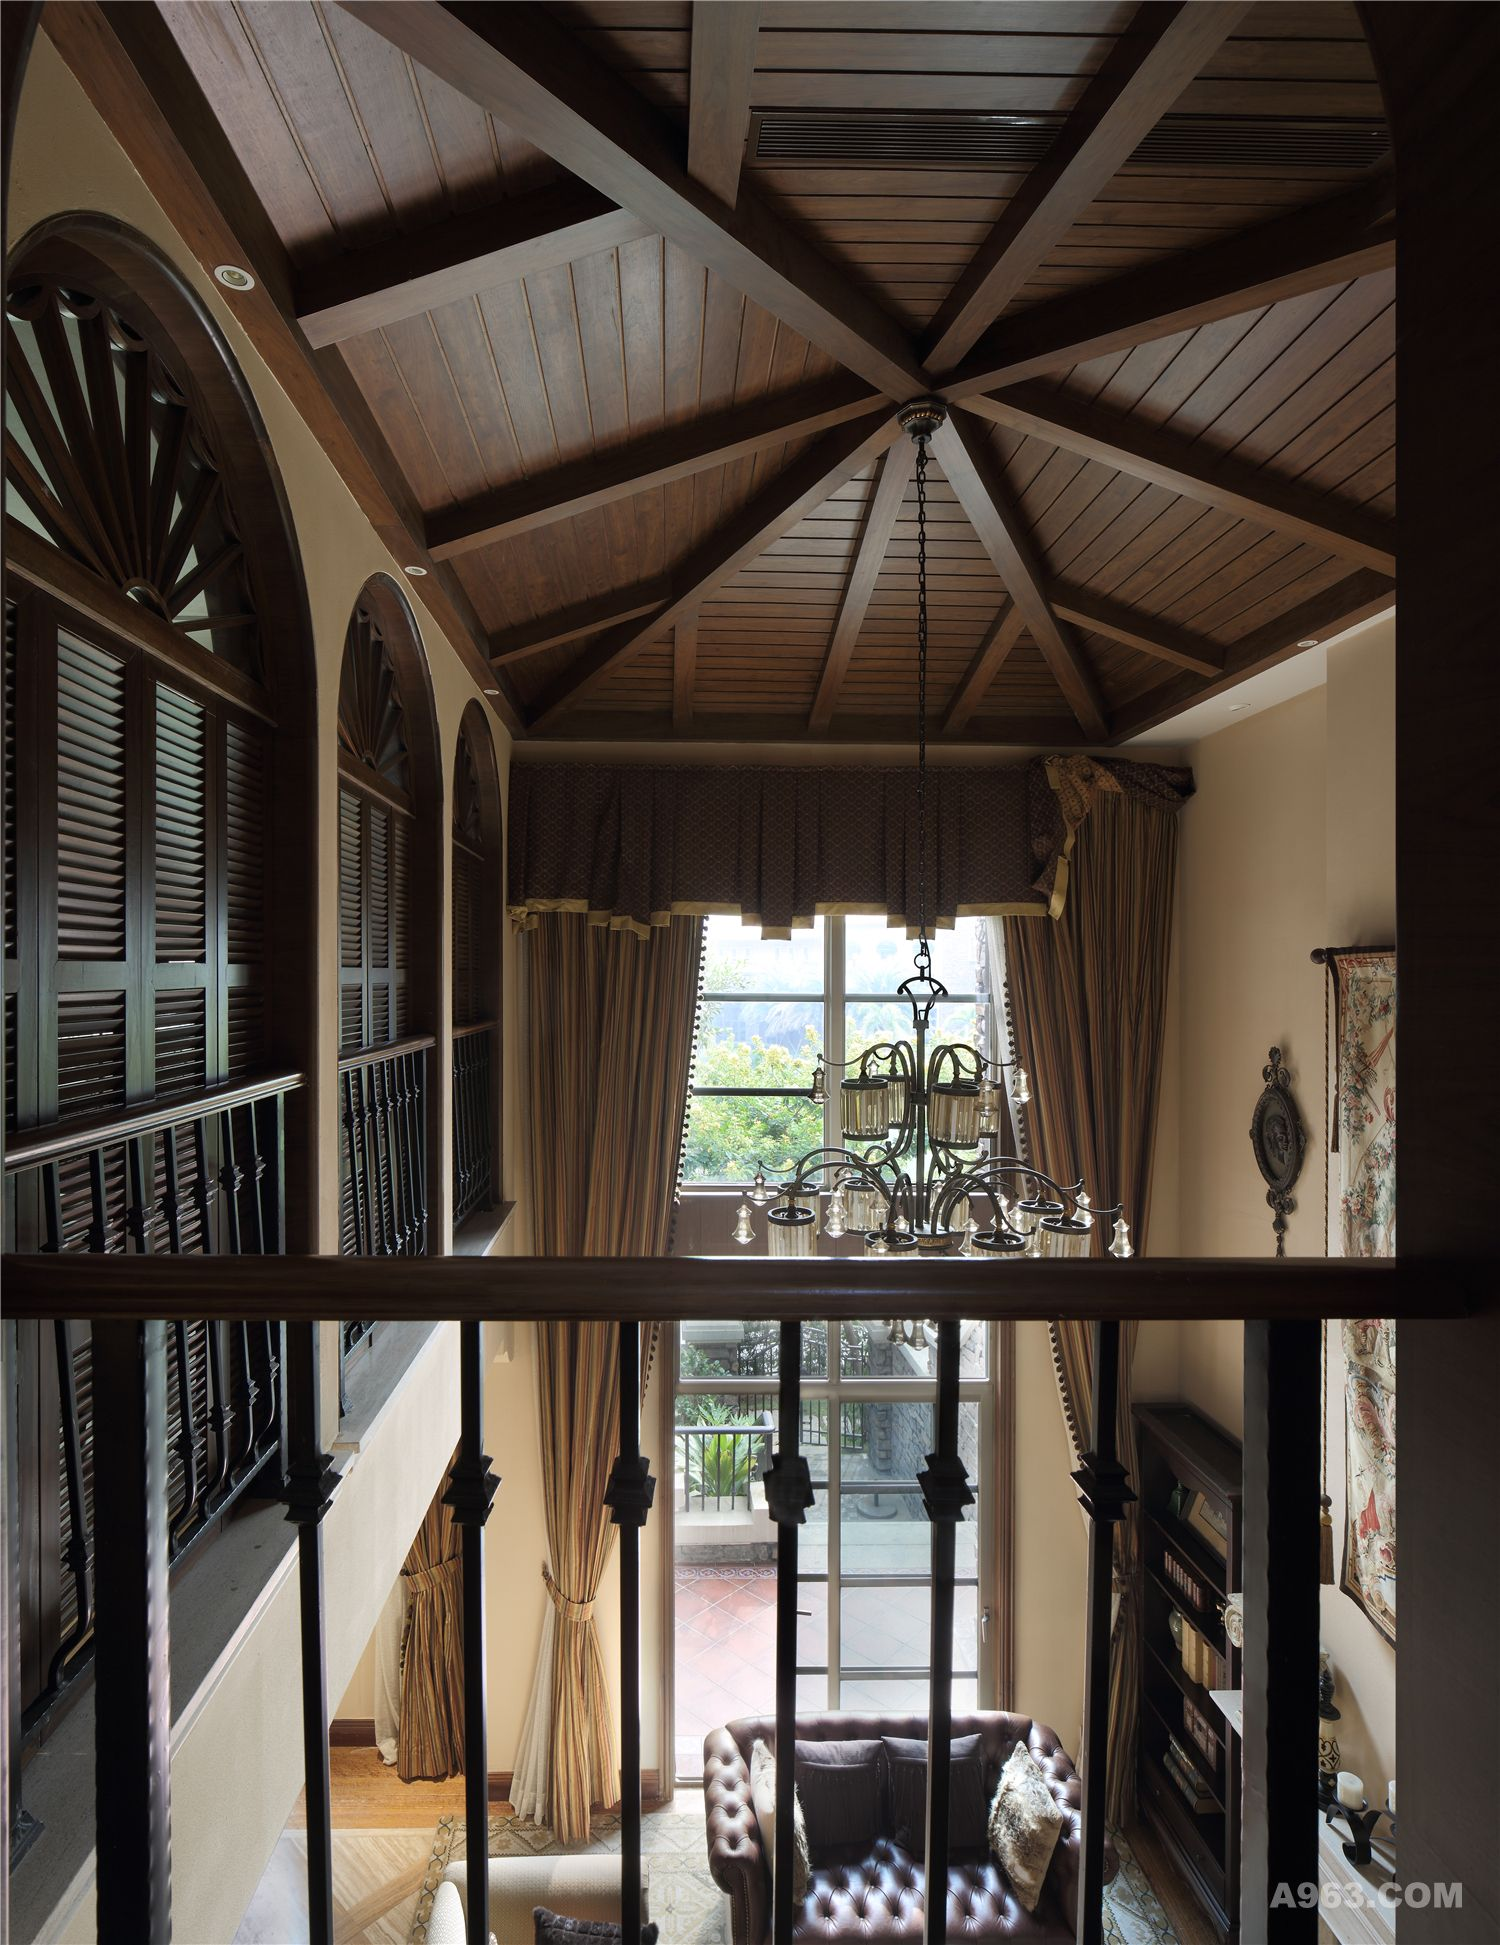 ▲ 倍显立体感的斜屋顶的拼接尤考基本功夫,得益于自有工厂的优势,传家工匠们把材料直接搬到现场进行制作,力求做到完美契合。